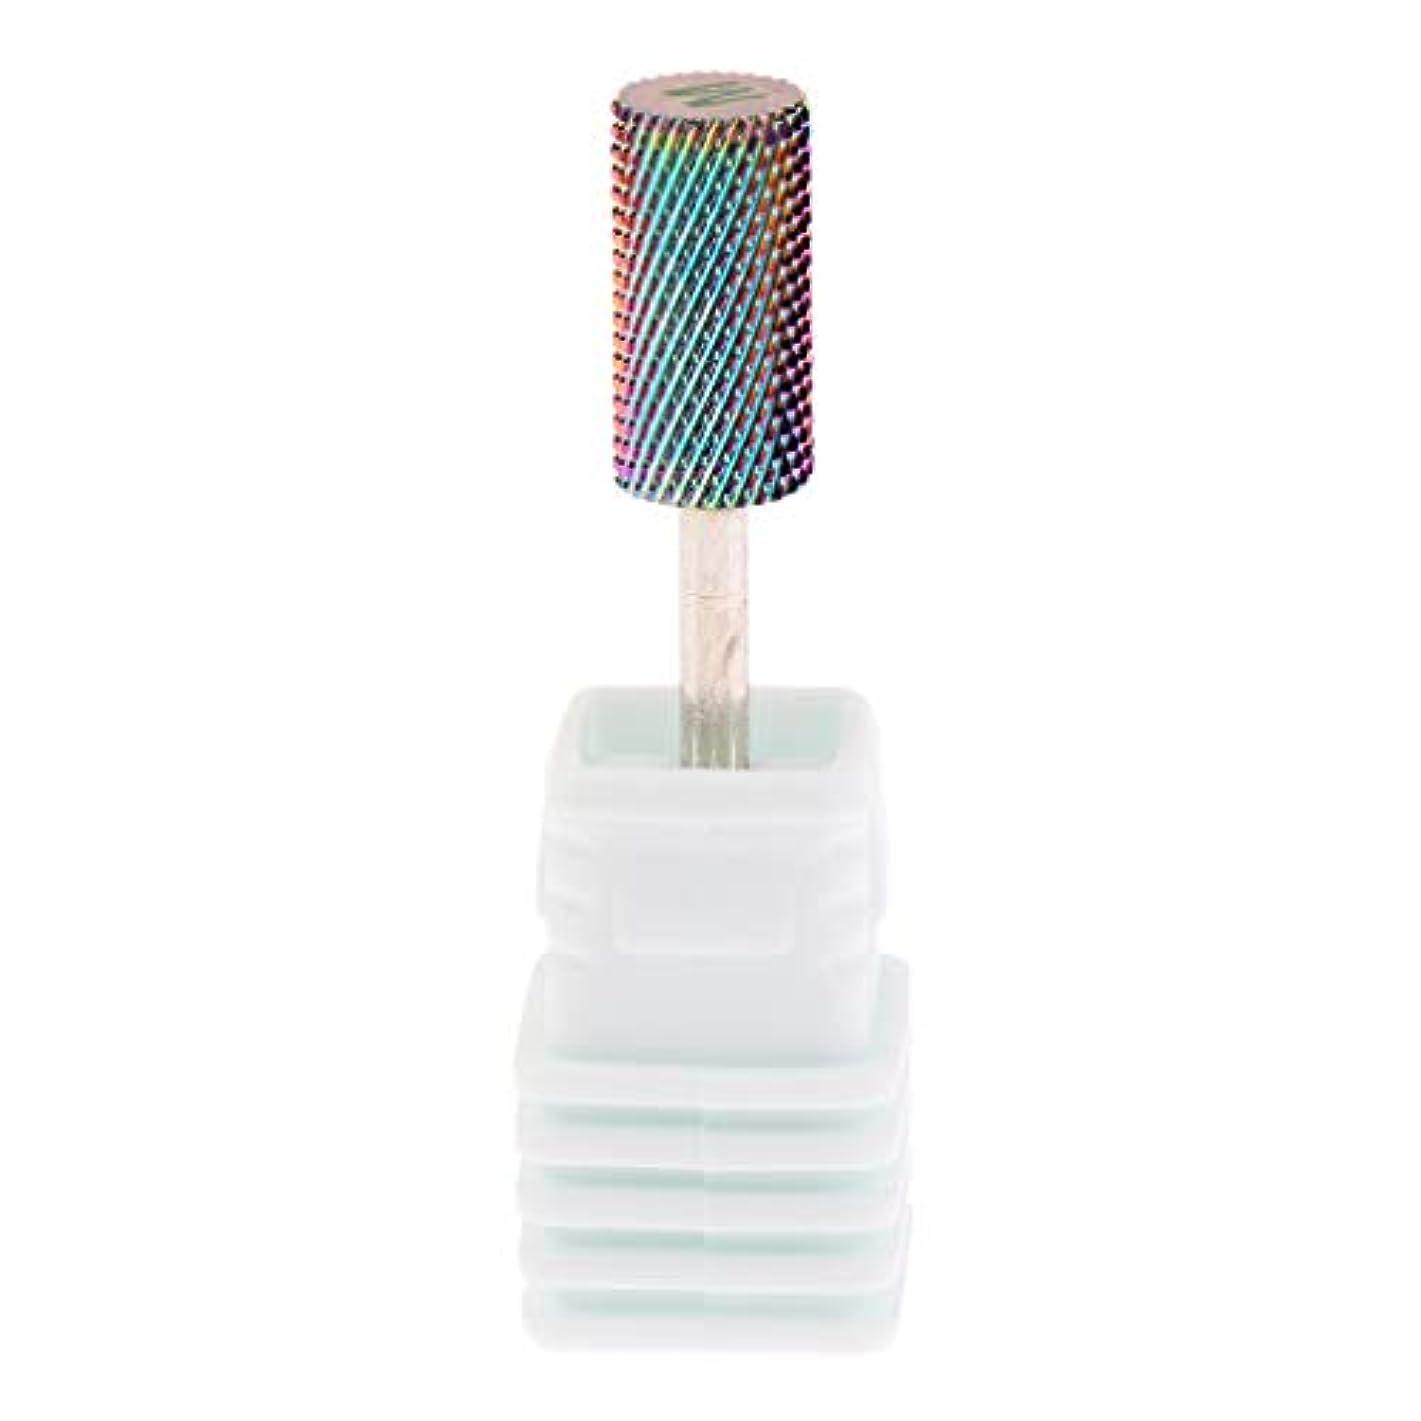 キロメートル分子トレッドPerfeclan 全6サイズ 電気ネイルドリルビット ネイル研削ヘッド 超硬 釘 穴あけツール - M